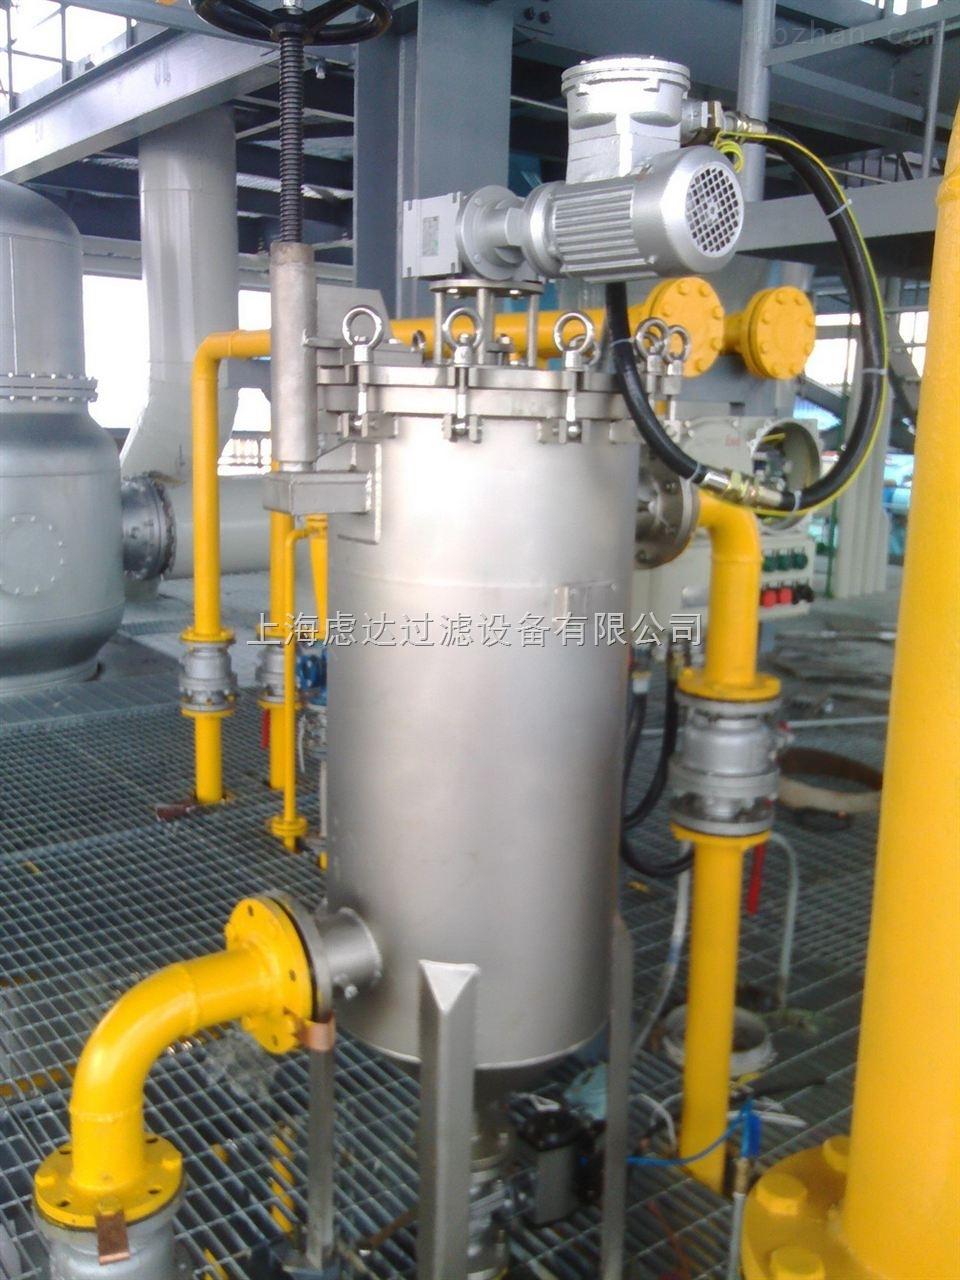 气缸驱动自清洗过滤器